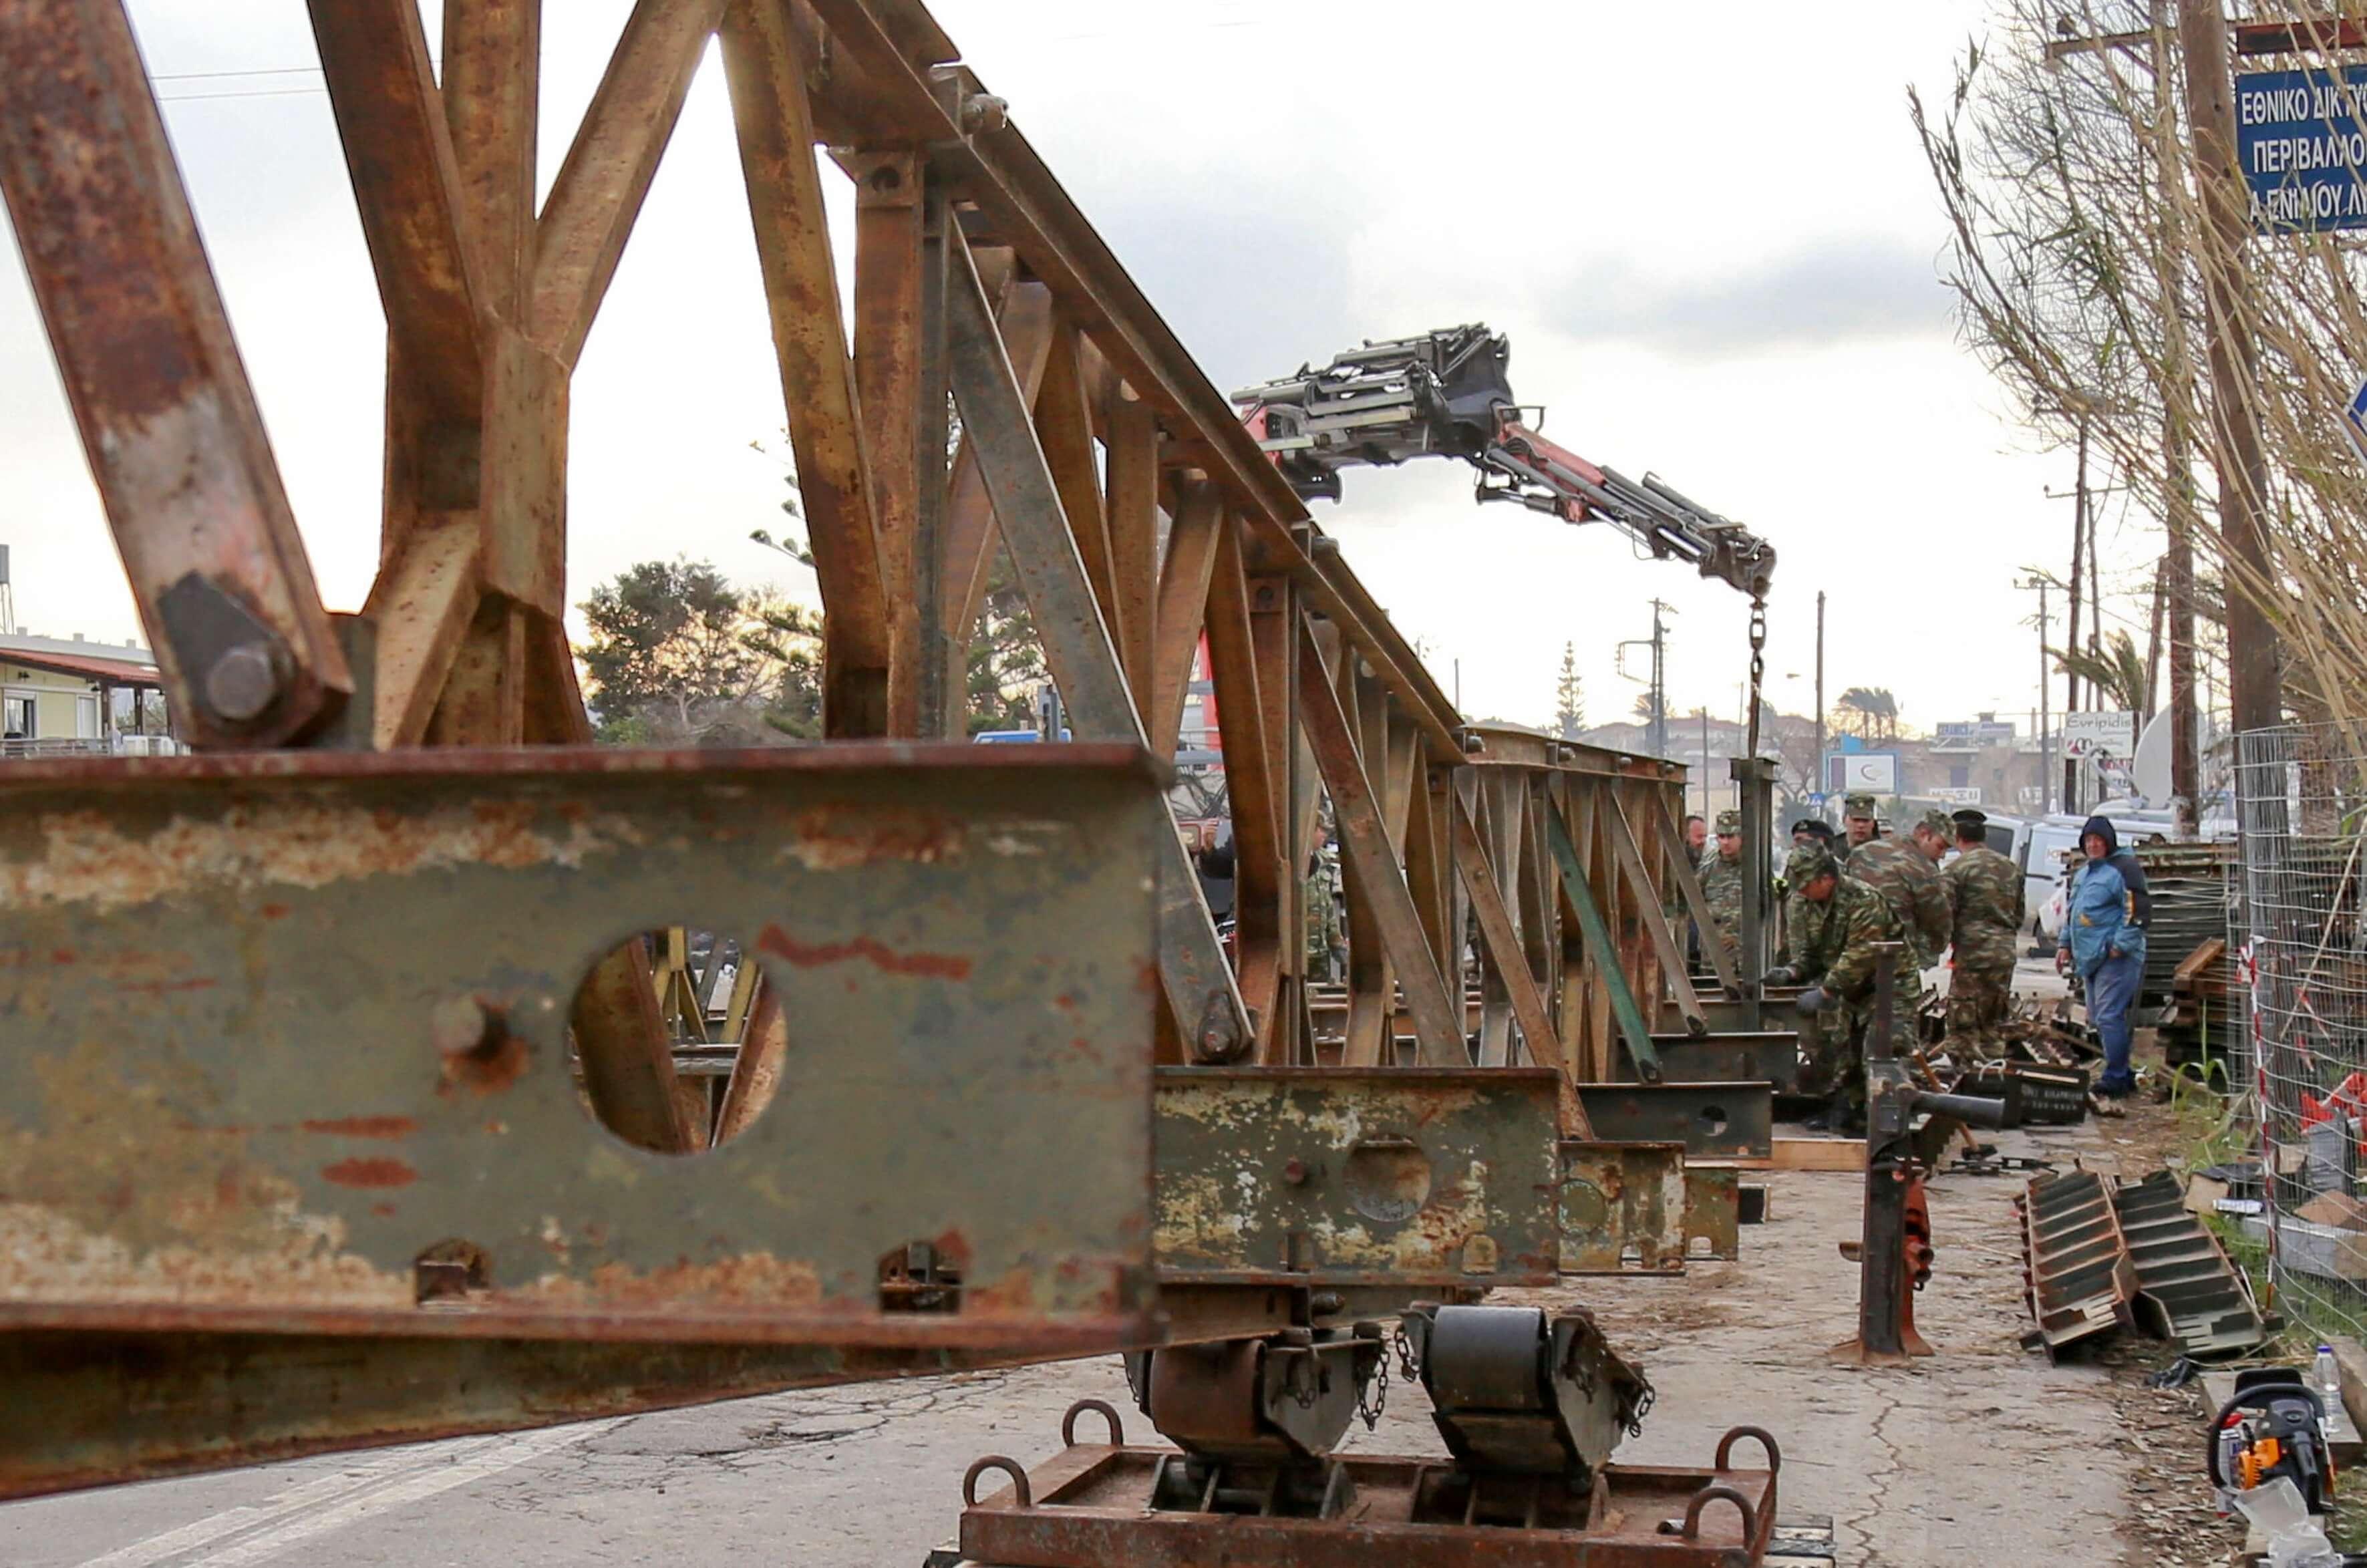 Χανιά: Δόθηκε στην κυκλοφορία η γέφυρα που τοποθέτησαν οι Ένοπλες Δυνάμεις στον Πλατανιά